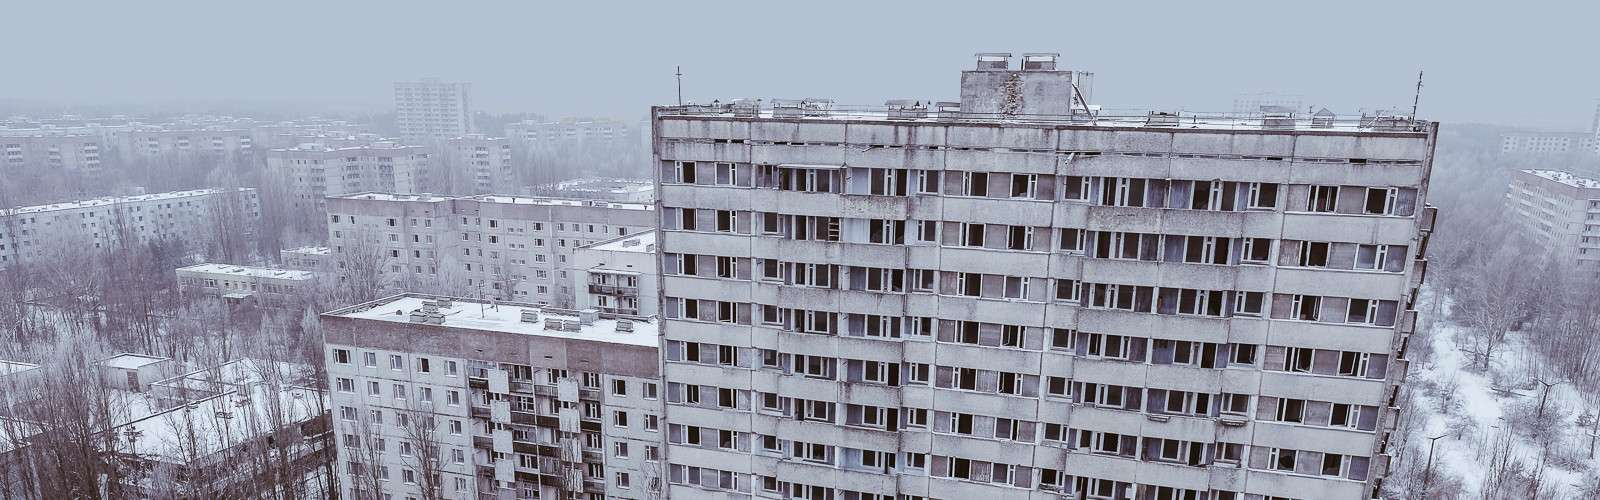 Yomadic Chernobyl Tours